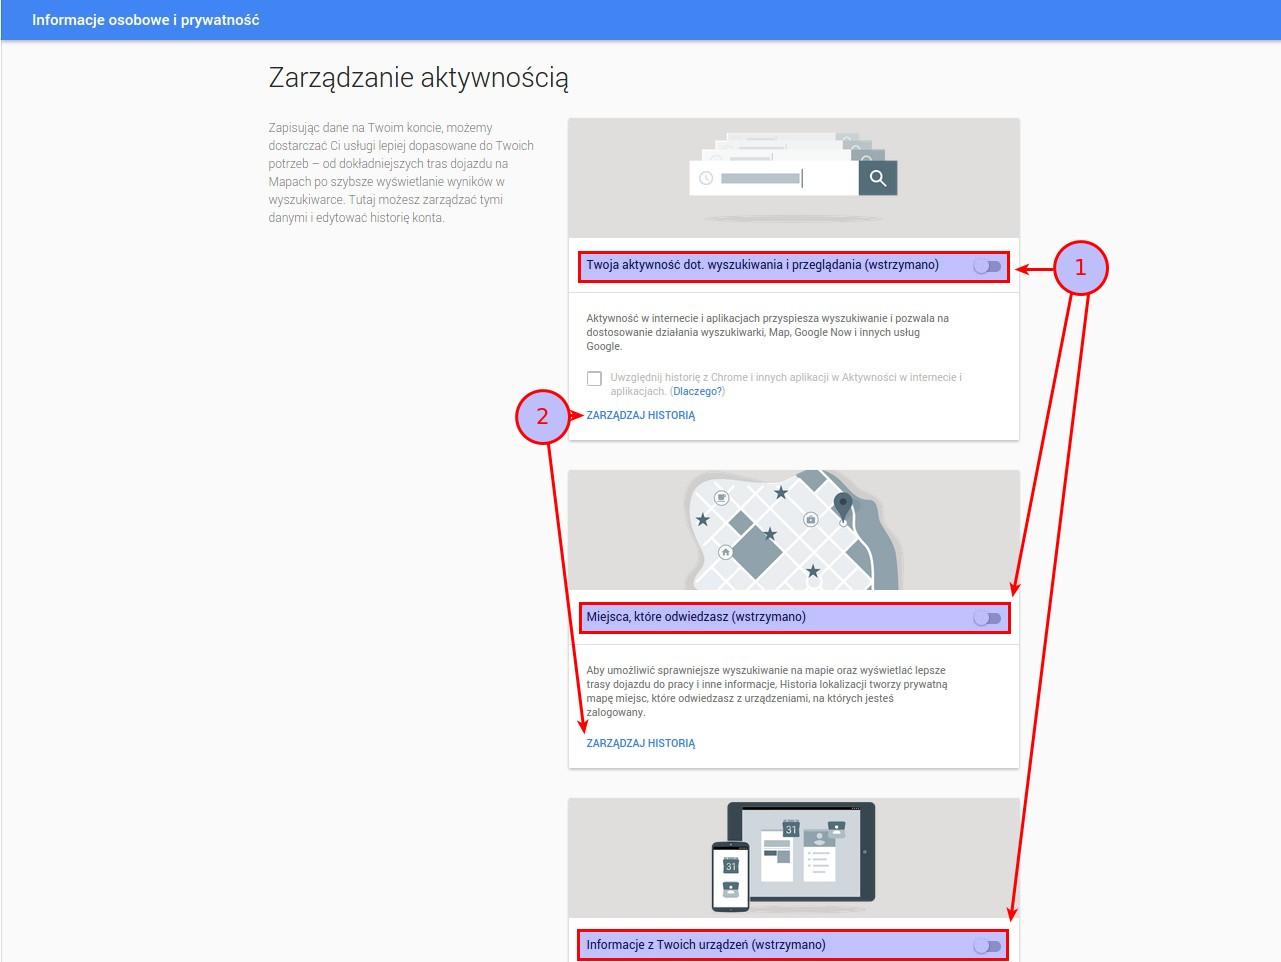 Ilustracja 3. Panel historii konta i zarządzania zbieraniem informacji o Twojej aktywności w sieci, lokalizacji oraz danych z urządzeń i aplikacji mobilnych